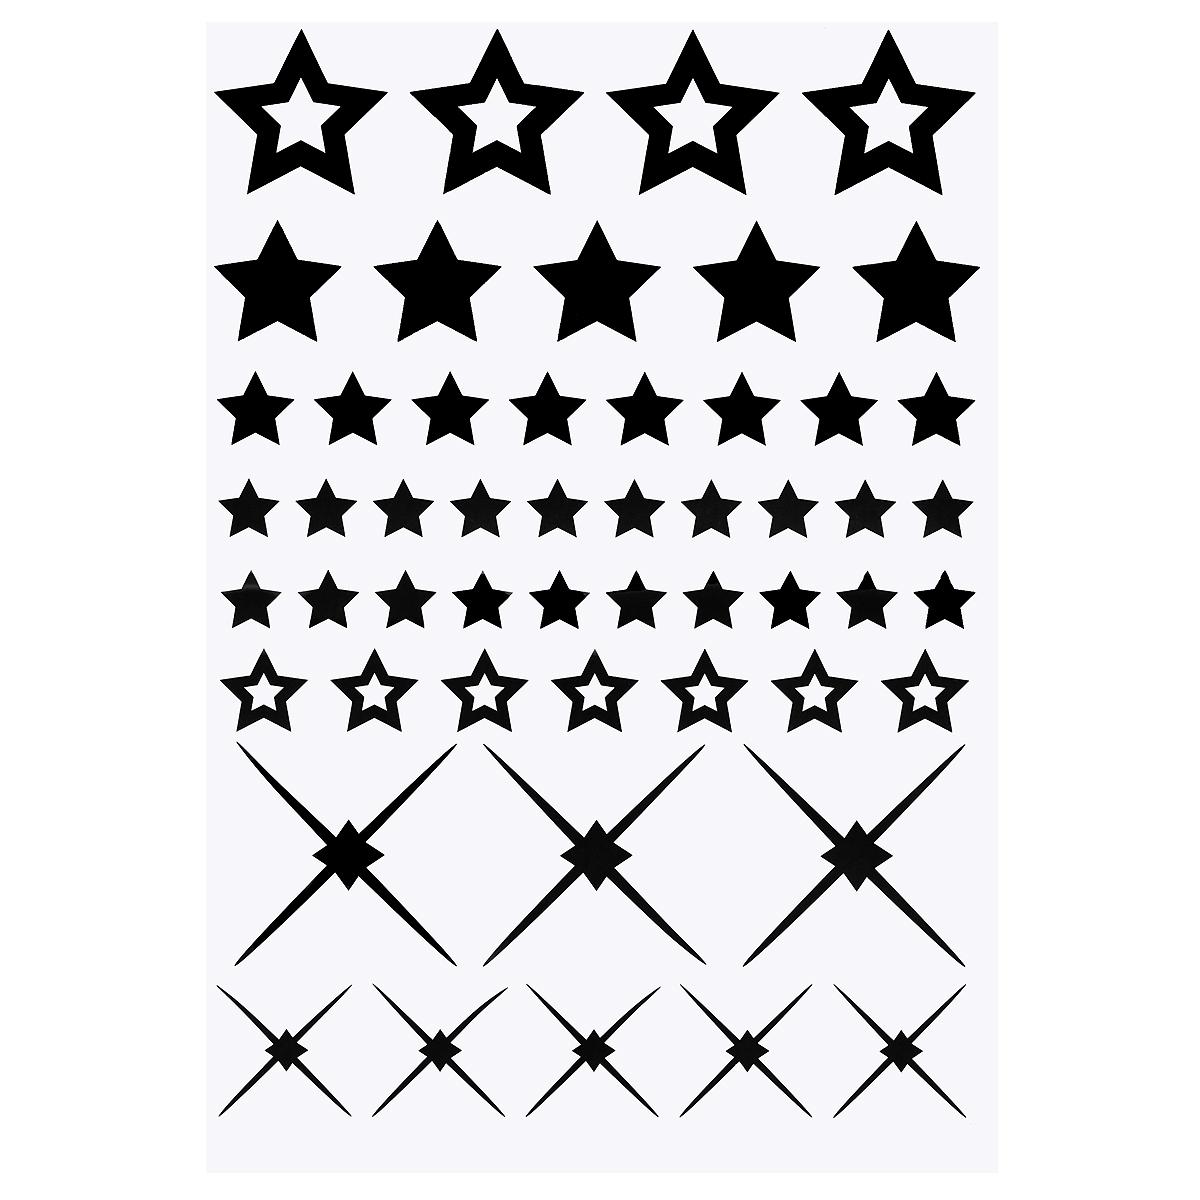 Стикер Paristic Звезды, 30 х 40 смПР00063Добавьте оригинальность вашему интерьеру с помощью необычного стикера Звезды. Изображение на стикере выполнено в виде нескольких звездочек различного размера. Изображения можно разделить и разместить в любых местах в выбранном вами помещении, создав тем самым необычную композицию. Необыкновенный всплеск эмоций в дизайнерском решении создаст утонченную и изысканную атмосферу не только спальни, гостиной или детской комнаты, но и даже офиса. Стикер выполнен из матового винила - тонкого эластичного материала, который хорошо прилегает к любым гладким и чистым поверхностям, легко моется и держится до семи лет, не оставляя следов. Сегодня виниловые наклейки пользуются большой популярностью среди декораторов по всему миру, а на российском рынке товаров для декорирования интерьеров - являются новинкой. Paristic - это стикеры высокого качества. Художественно выполненные стикеры, создающие эффект обмана зрения, дают необычную возможность использовать в...